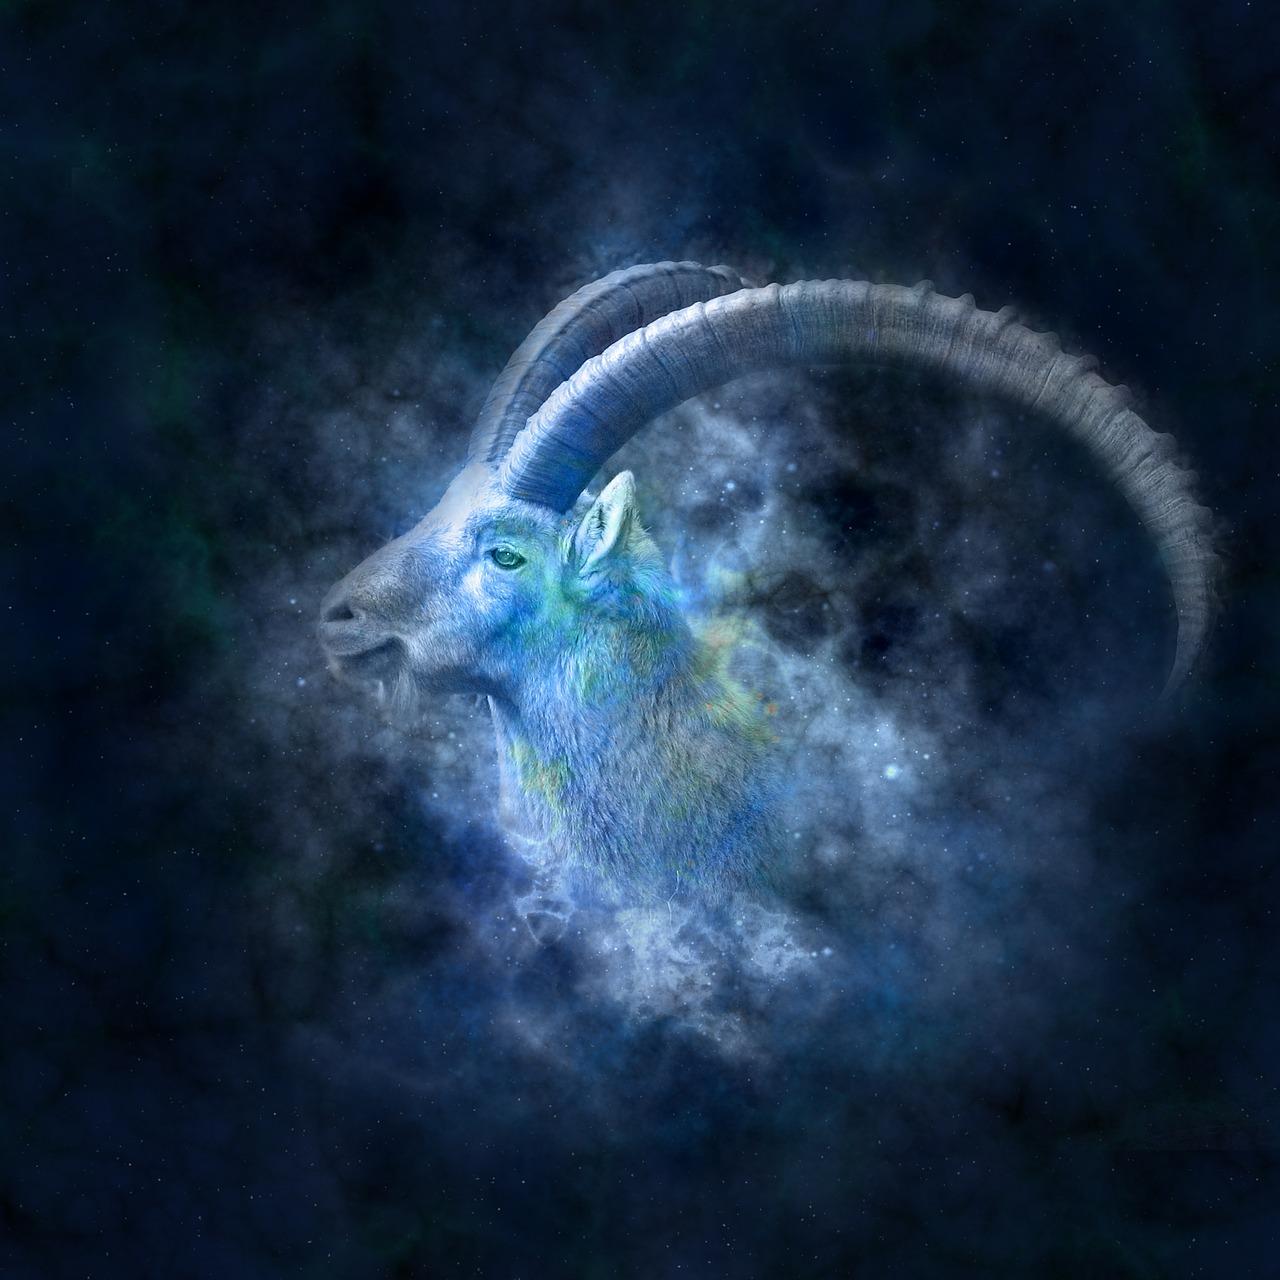 Horoskop - Horoskopski znak Jarac